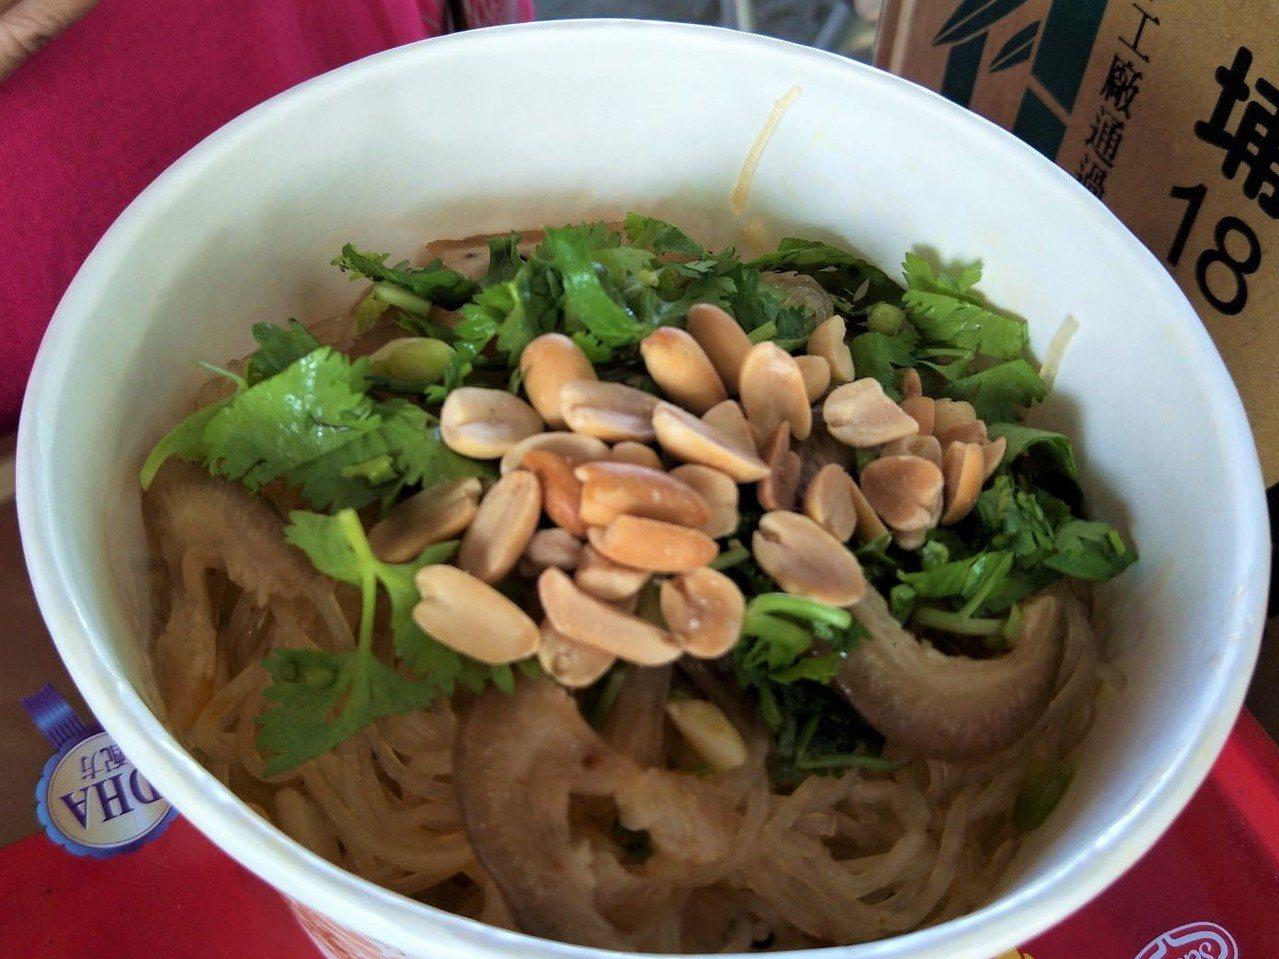 圖為滇緬聚落中的雲南美食。圖/屏東縣農村再生社區平台提供